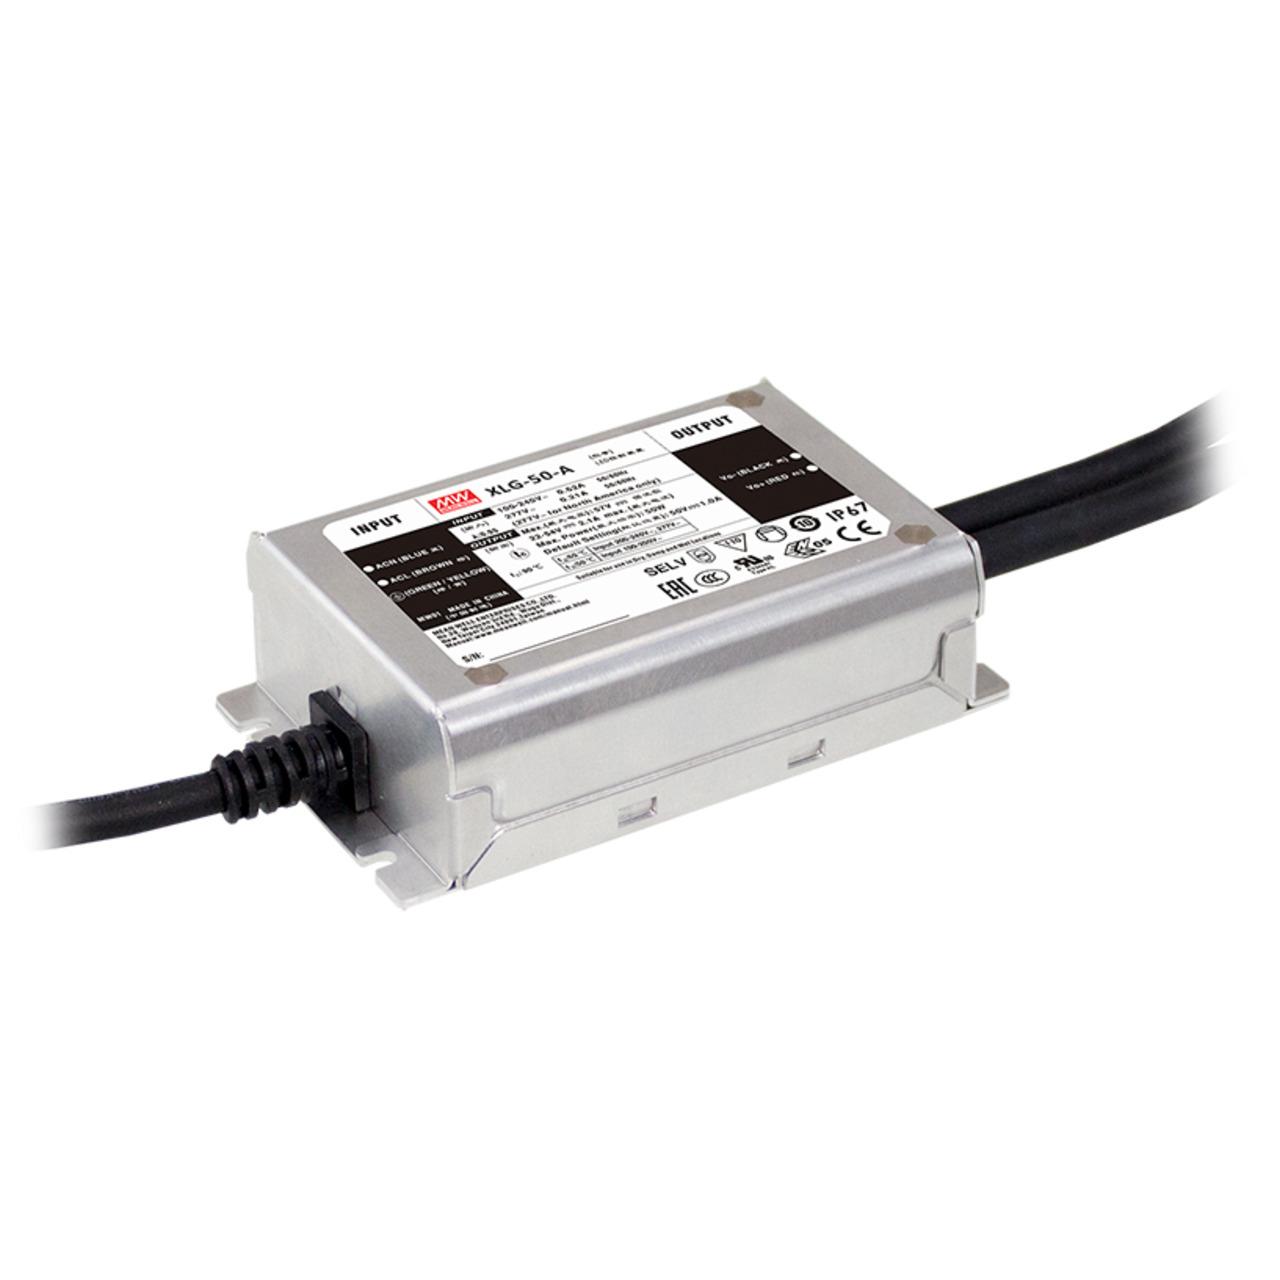 Mean Well Konstantstrom-Netzteil XLG-50-A- 50 W- 1000 mA- 22 - 54 VDC- dimmbar- IP67